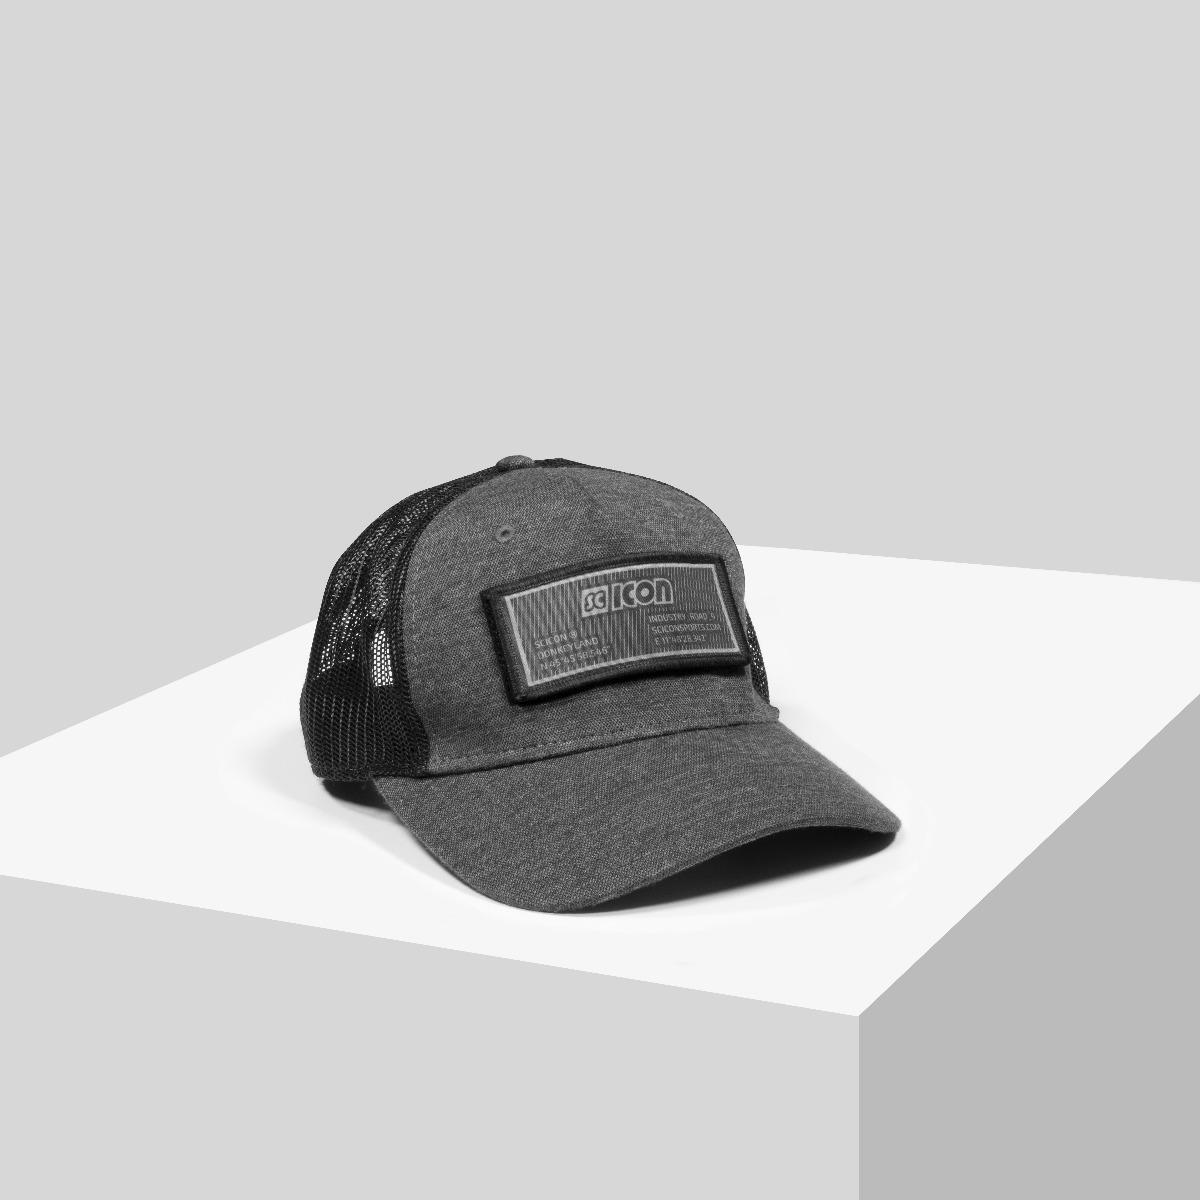 DONKEYLAND TRUCKER CAP 08